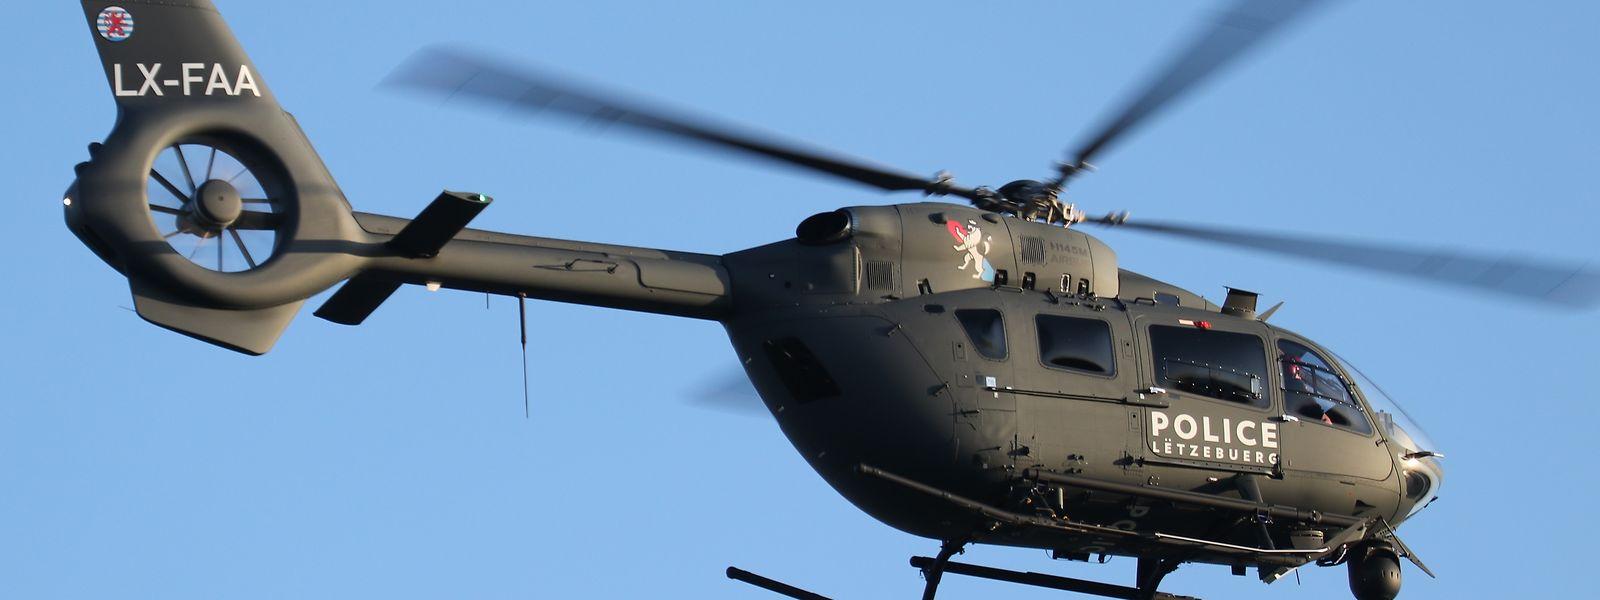 LX-FAA lautet die Kennung des ersten neuen Hubschraubers der Luxemburger Polizei.